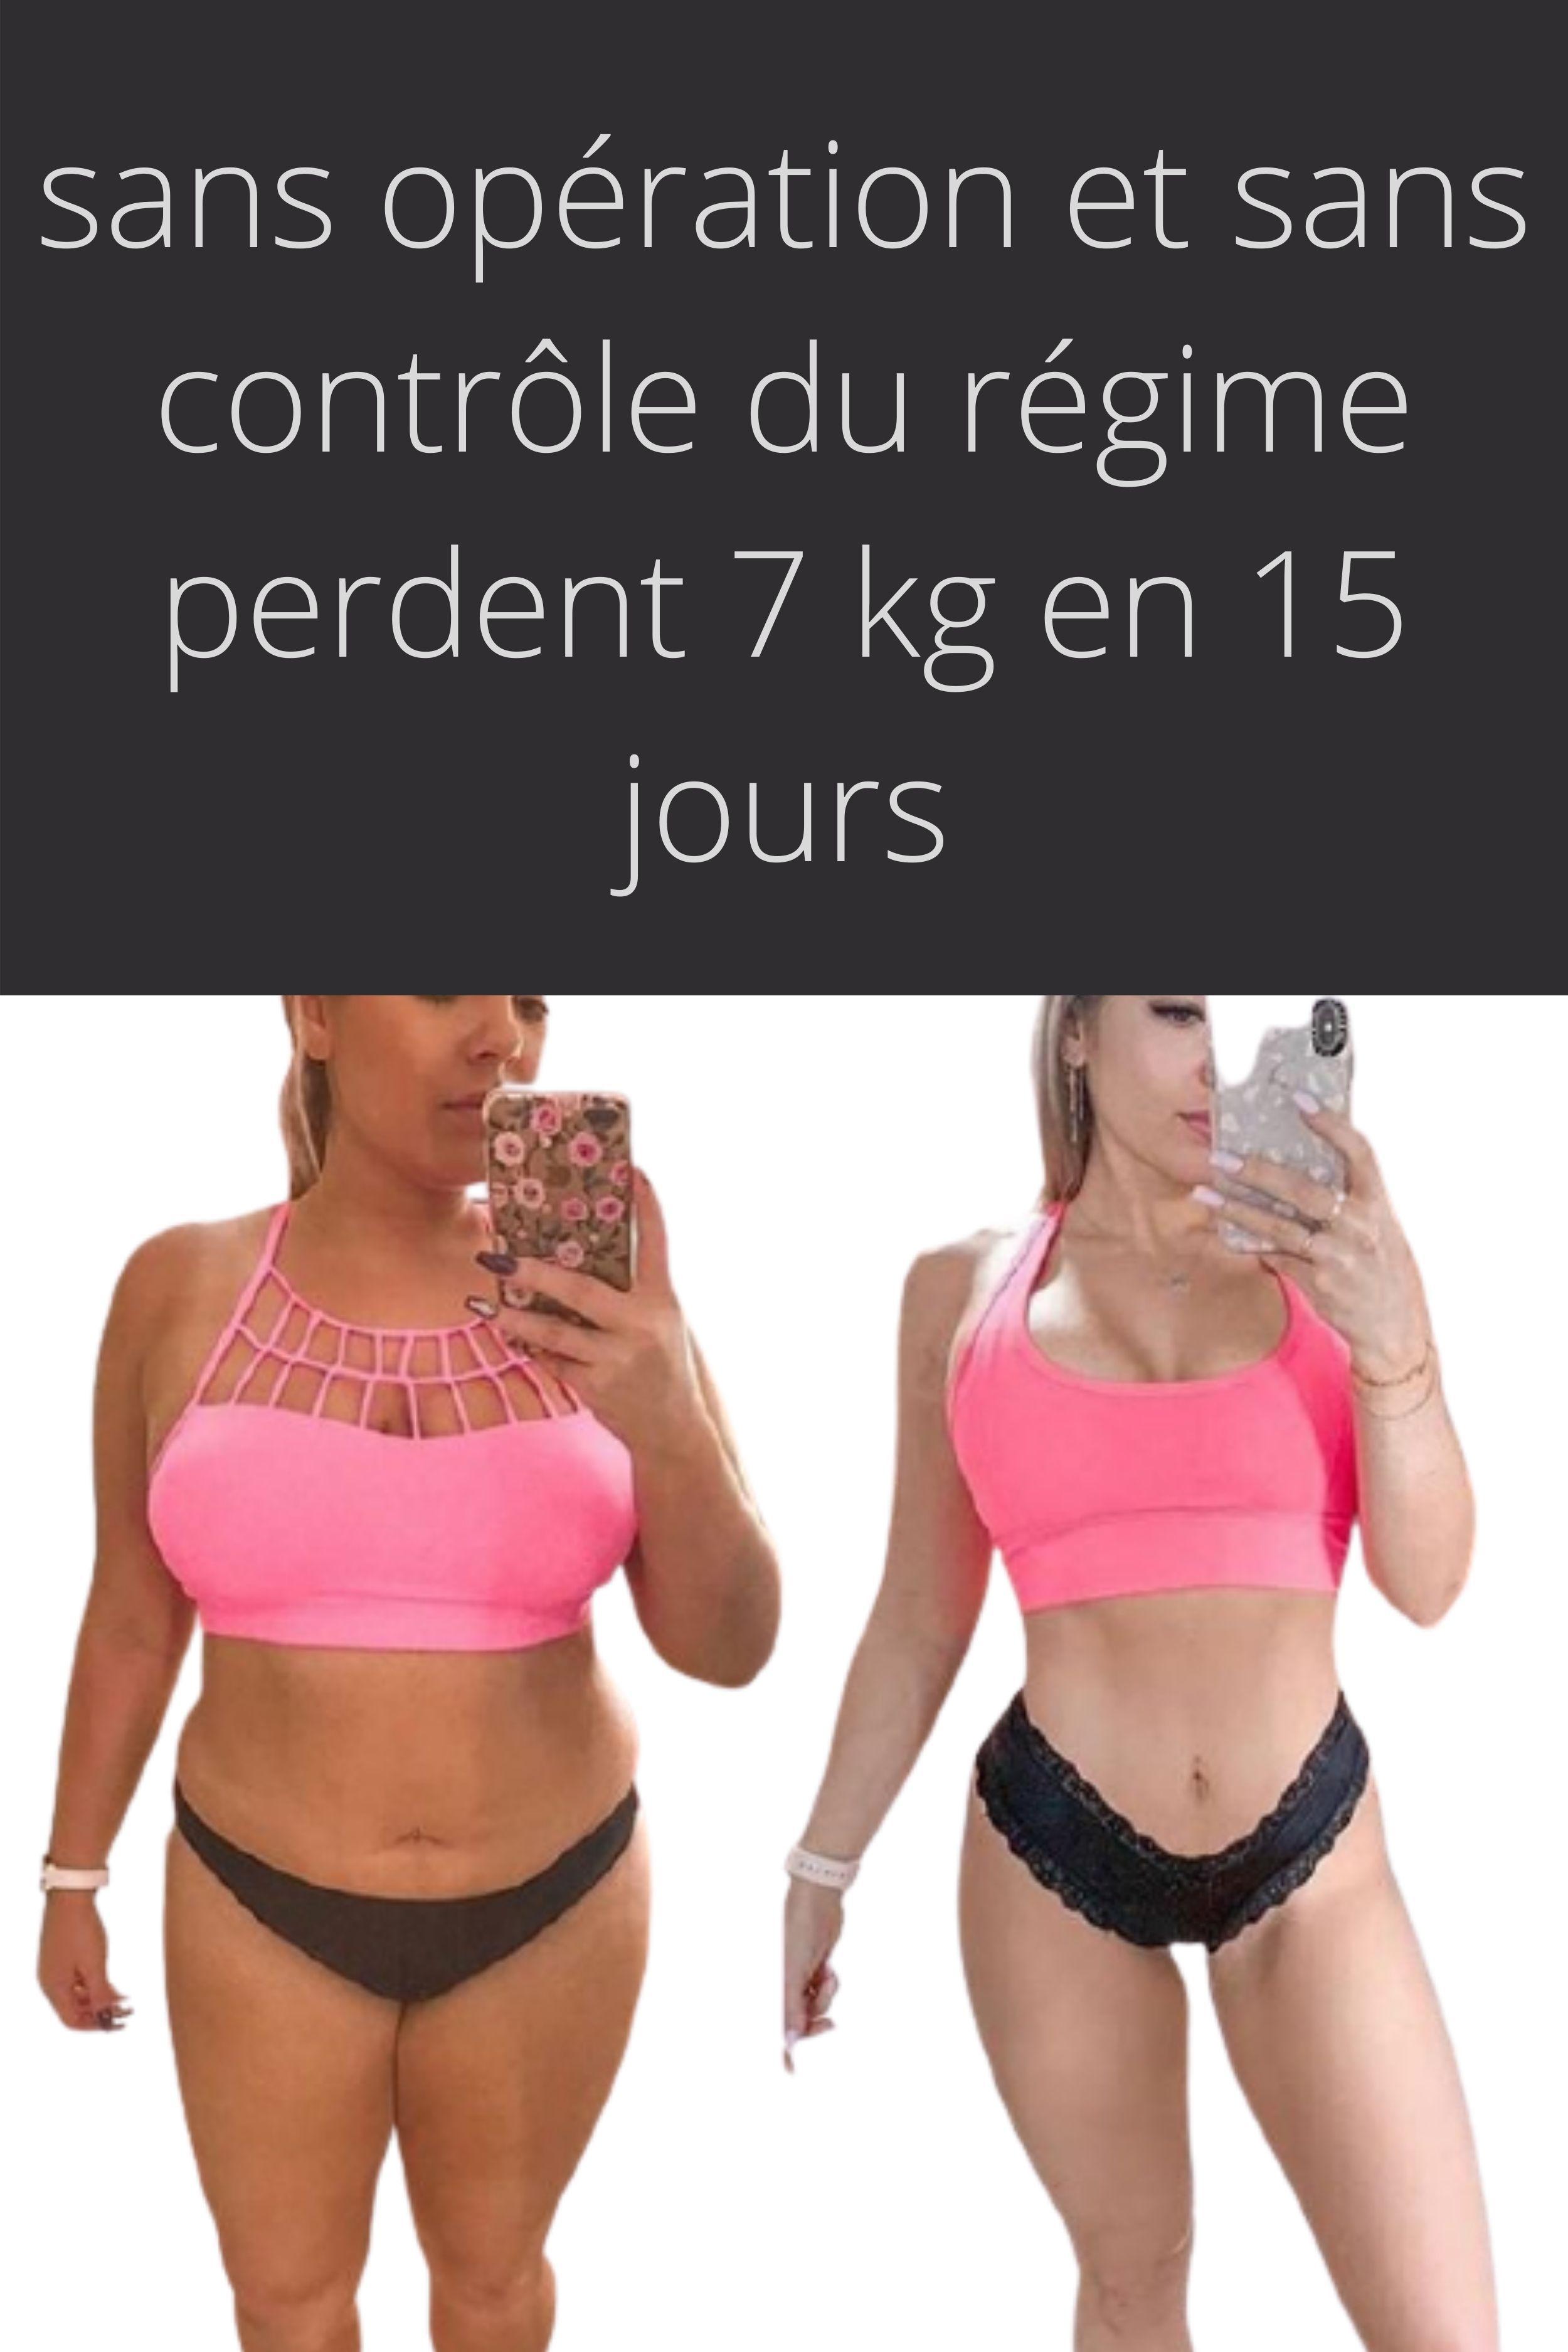 comment pouvons-nous perdre notre poids du ventre